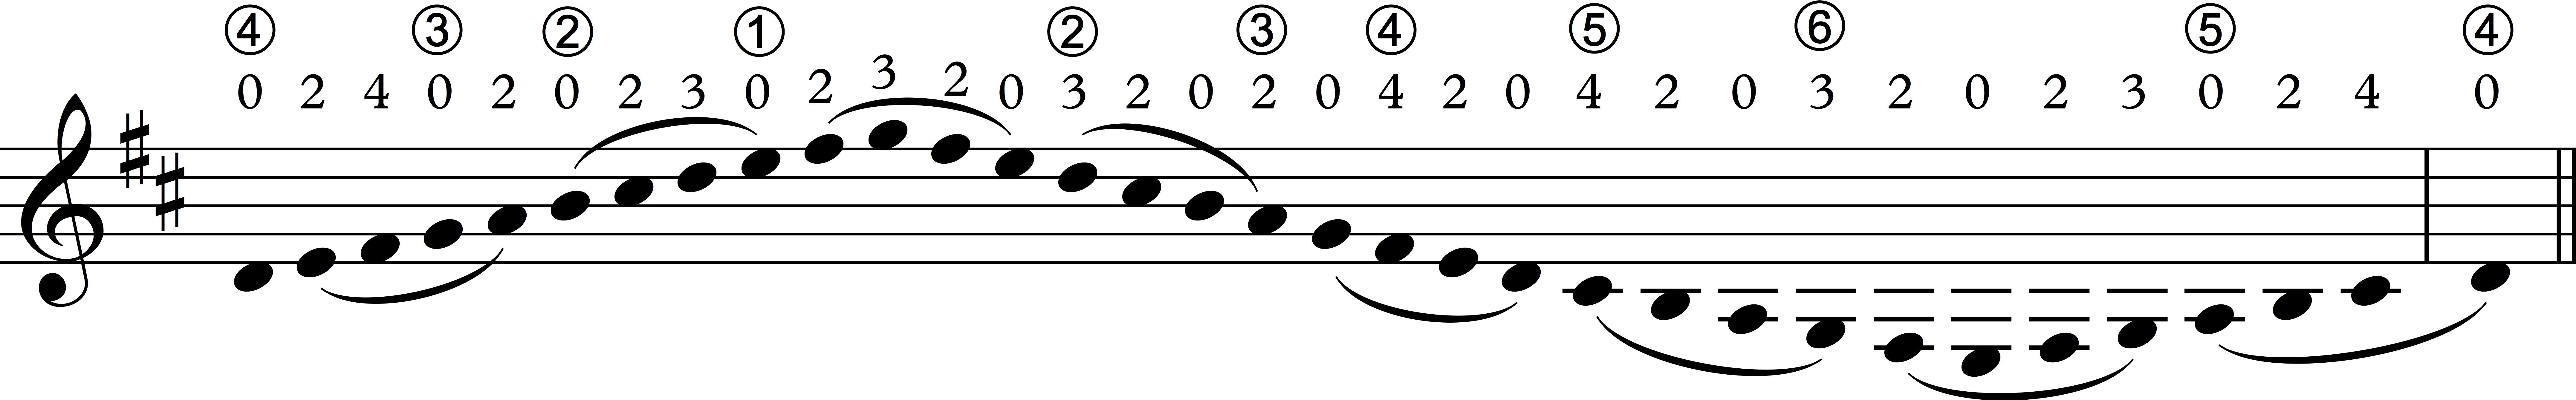 Scale D major open Phrase 3.jpg